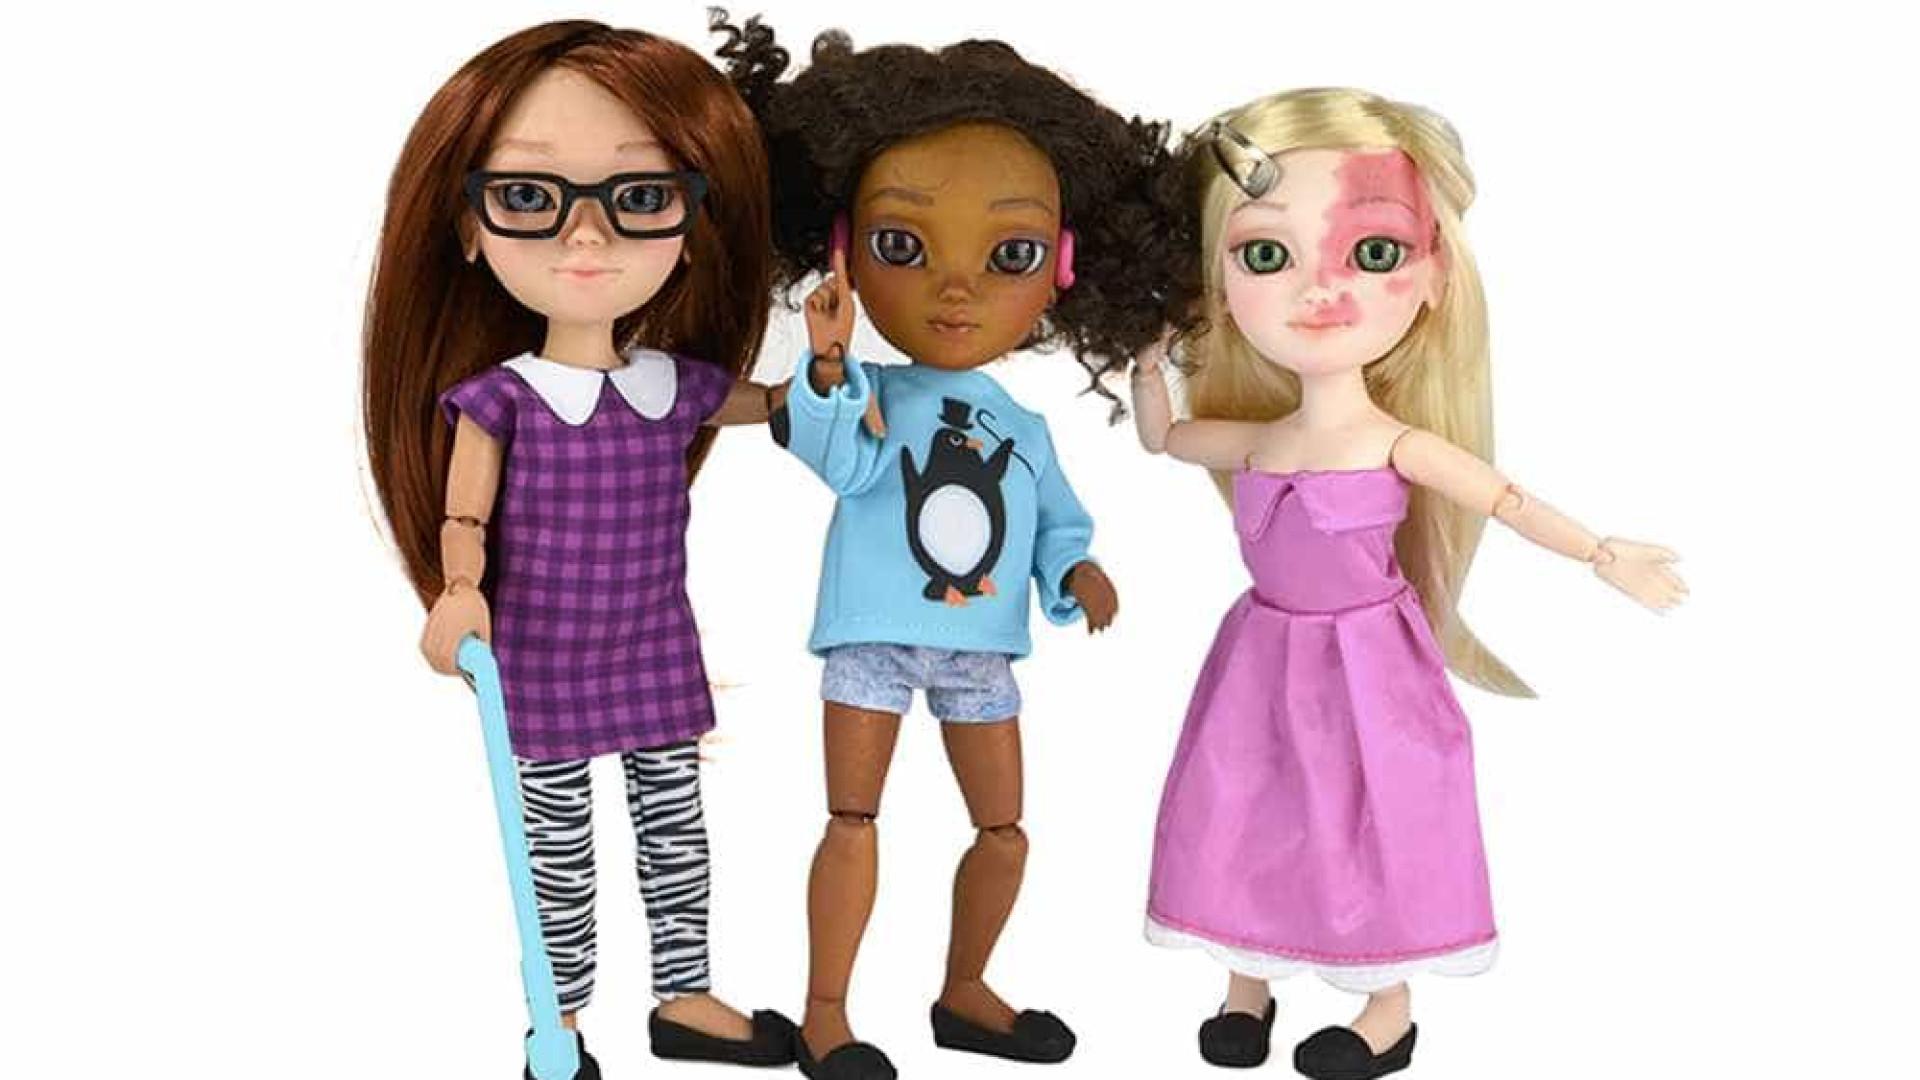 Marca cria bonecas com deficiências físicas para promover a inclusão